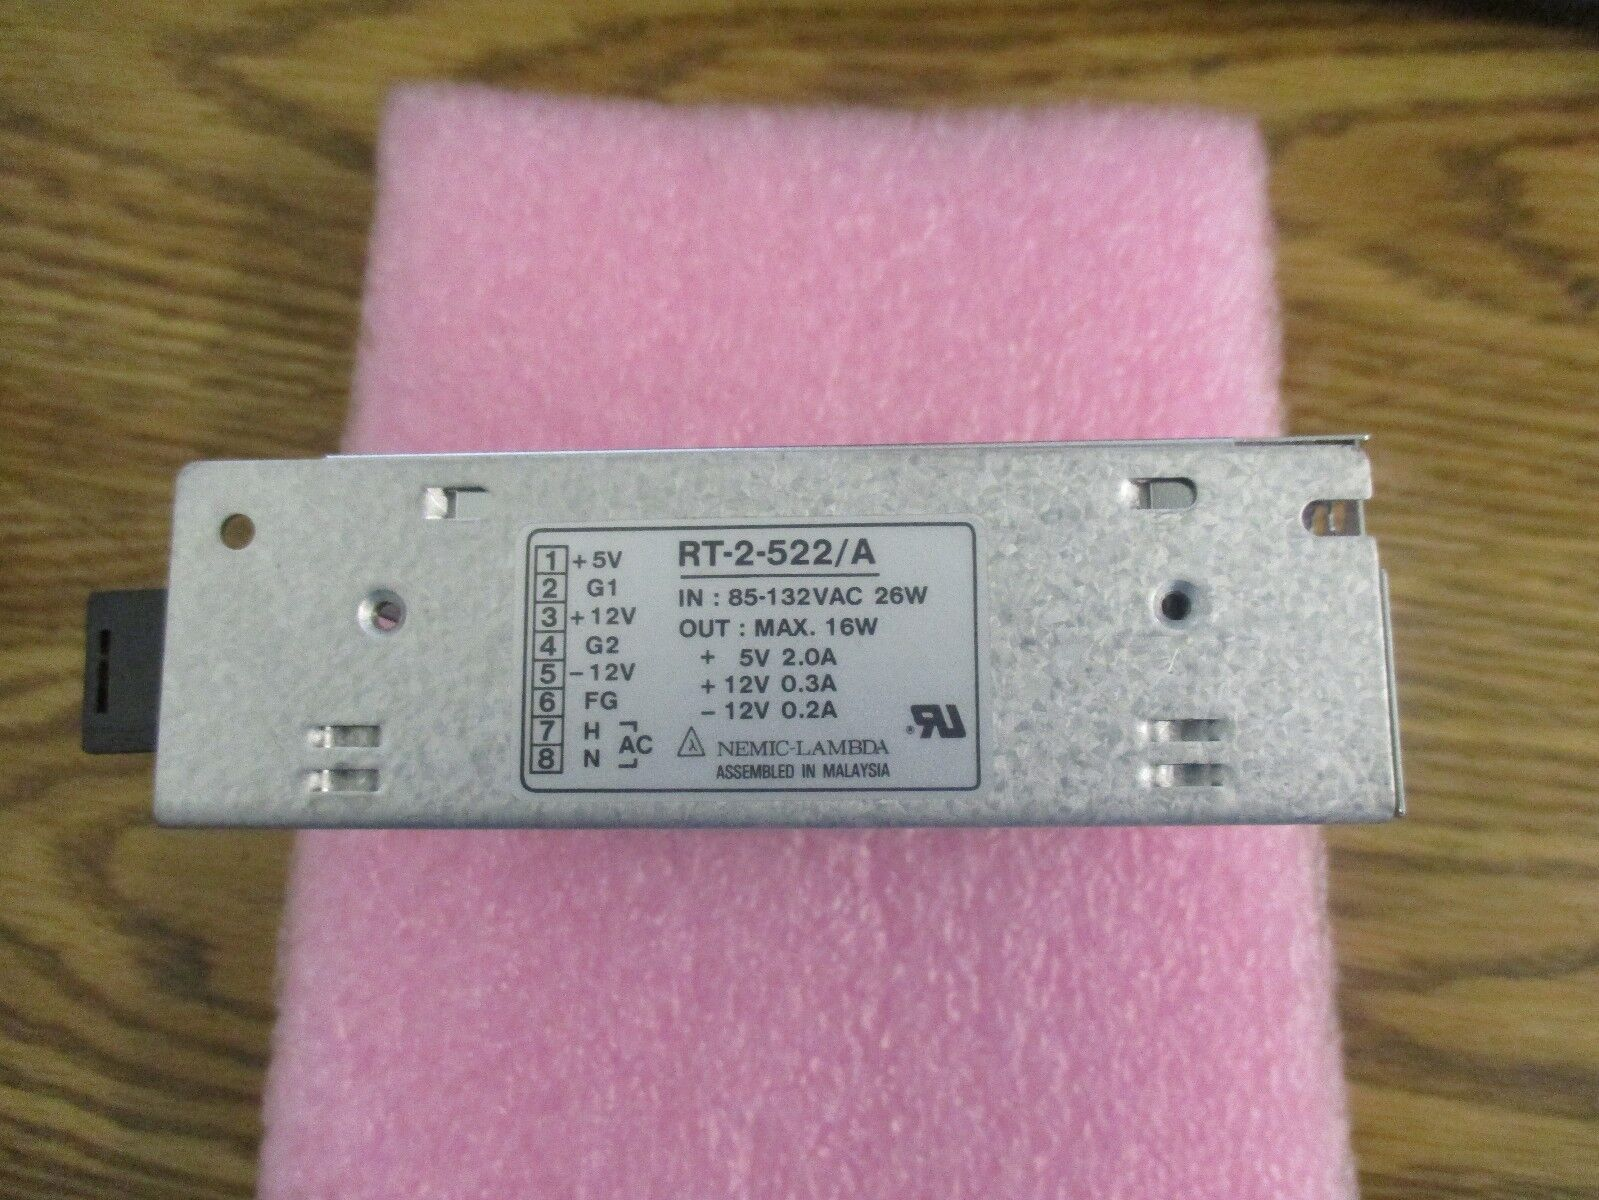 Nemic-Lambda Modelo RT-2-522/A Probado Buena < la fuente de alimentación. alimentación. alimentación. 108ace